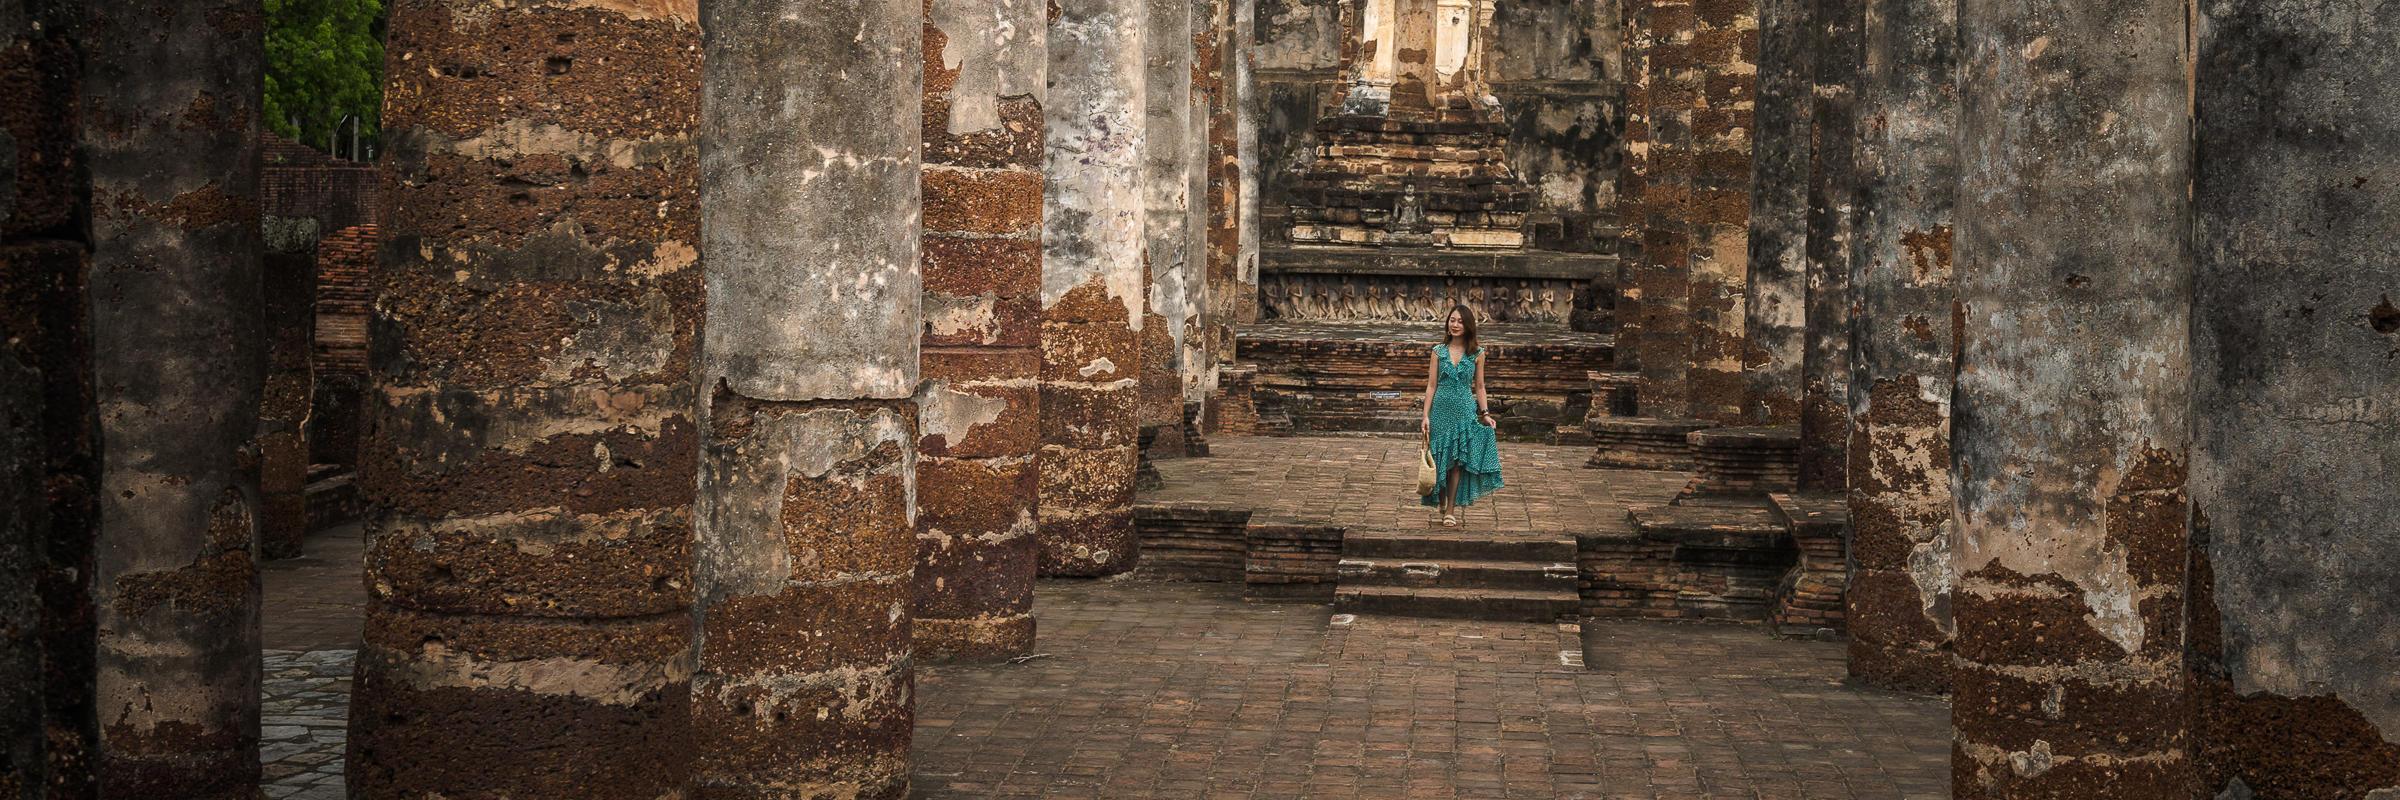 【鹿卡帶你去旅行】旅拍素可泰,探秘泰國最精華的文化所在地